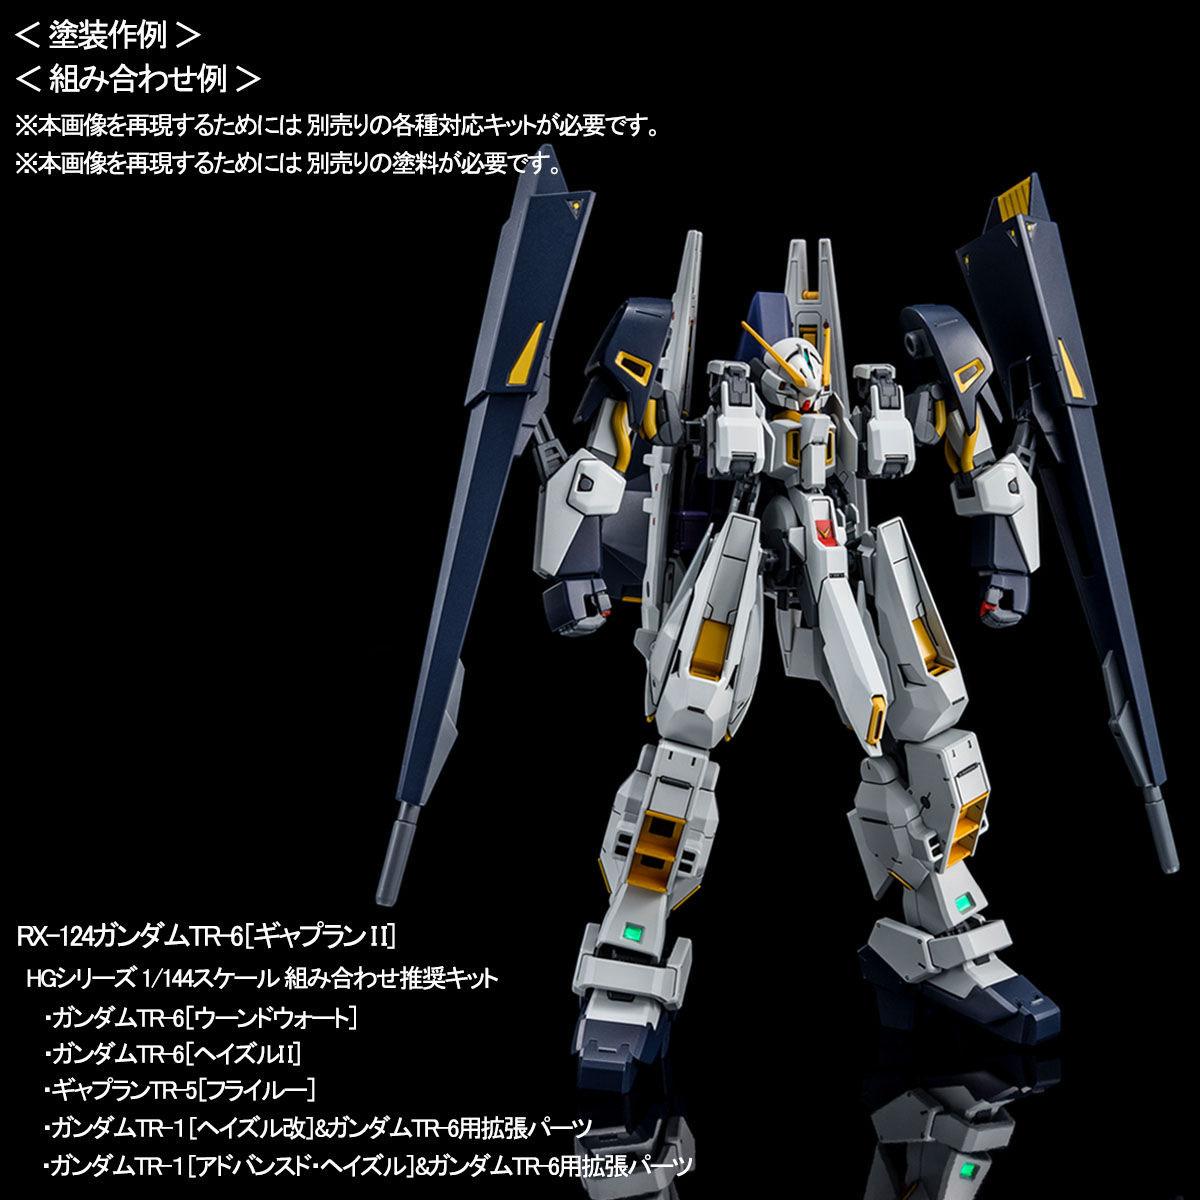 HG 1/144『ガンダムTR-1[ヘイズル改]&ガンダムTR-6用拡張パーツ』プラモデル-010